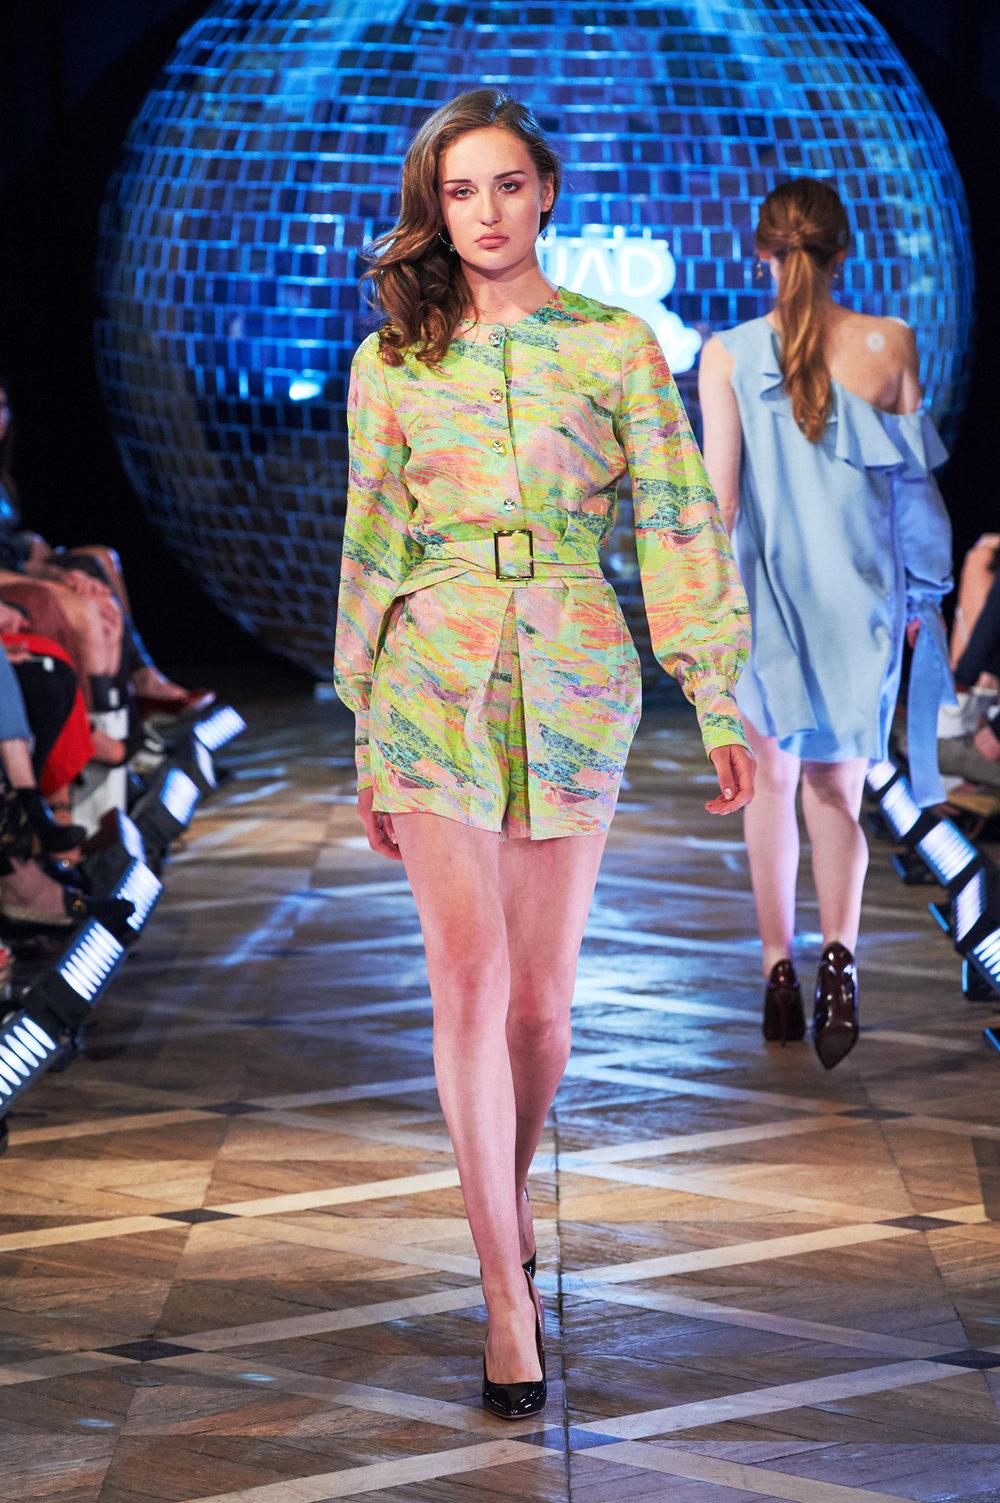 4_ZAQUAD_090519_lowres-fotFilipOkopny-FashionImages.jpg